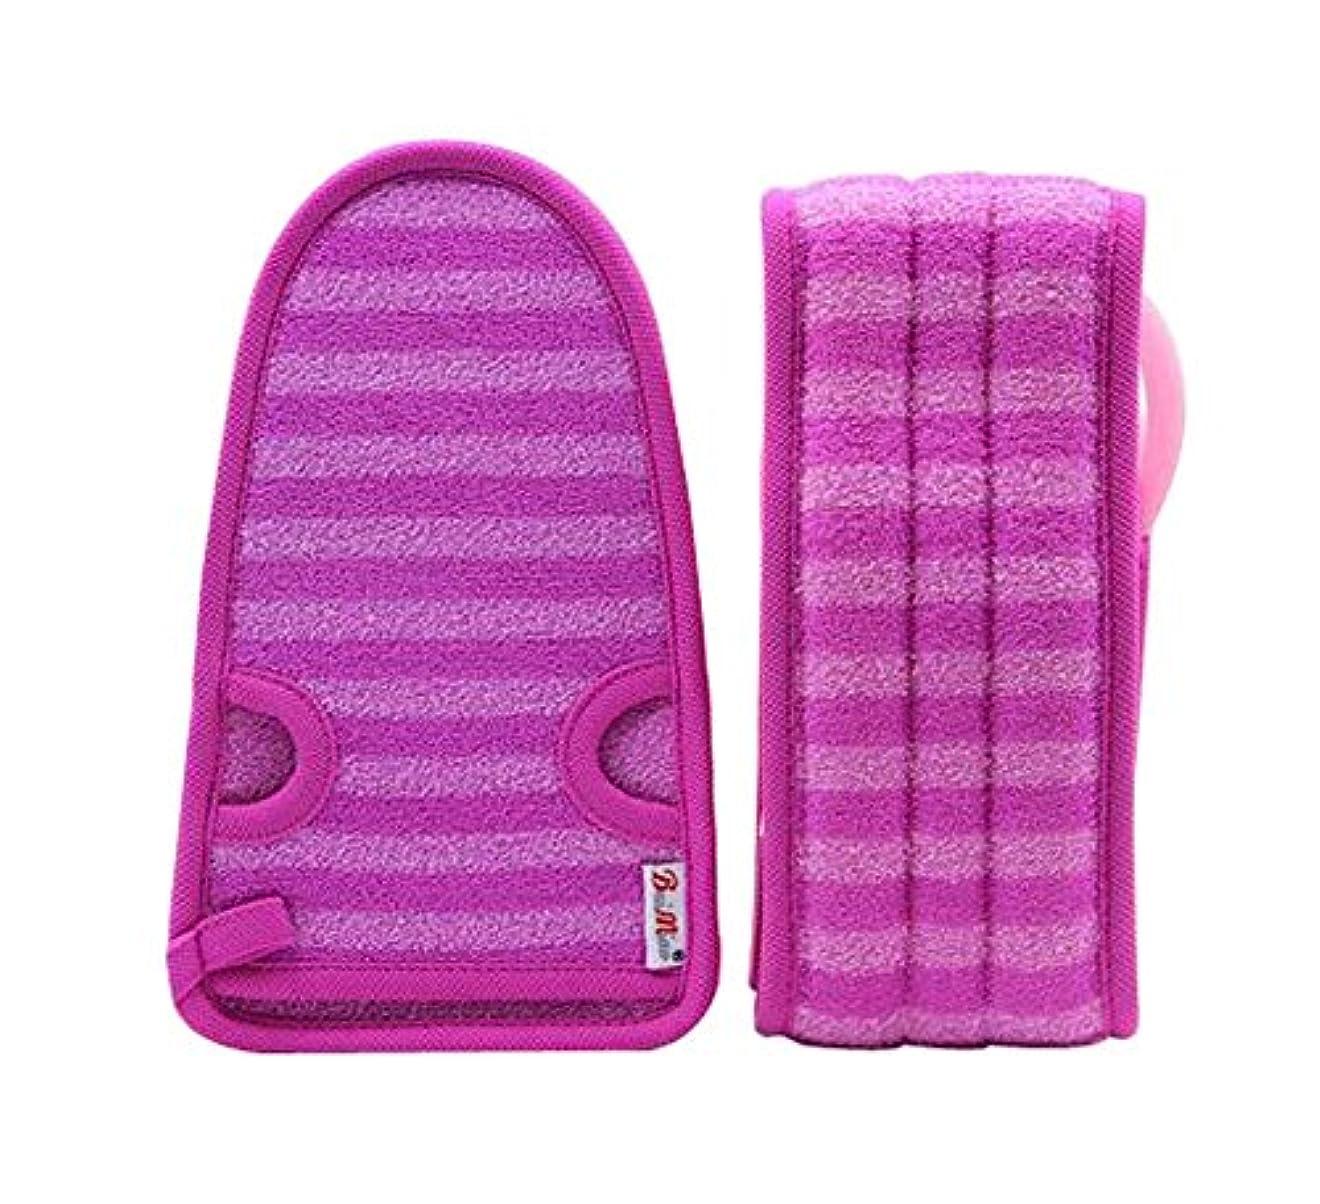 ズーム読者予防接種紫色の女性のための柔らかいミトンの剥離の手袋の風呂用ベルトの2